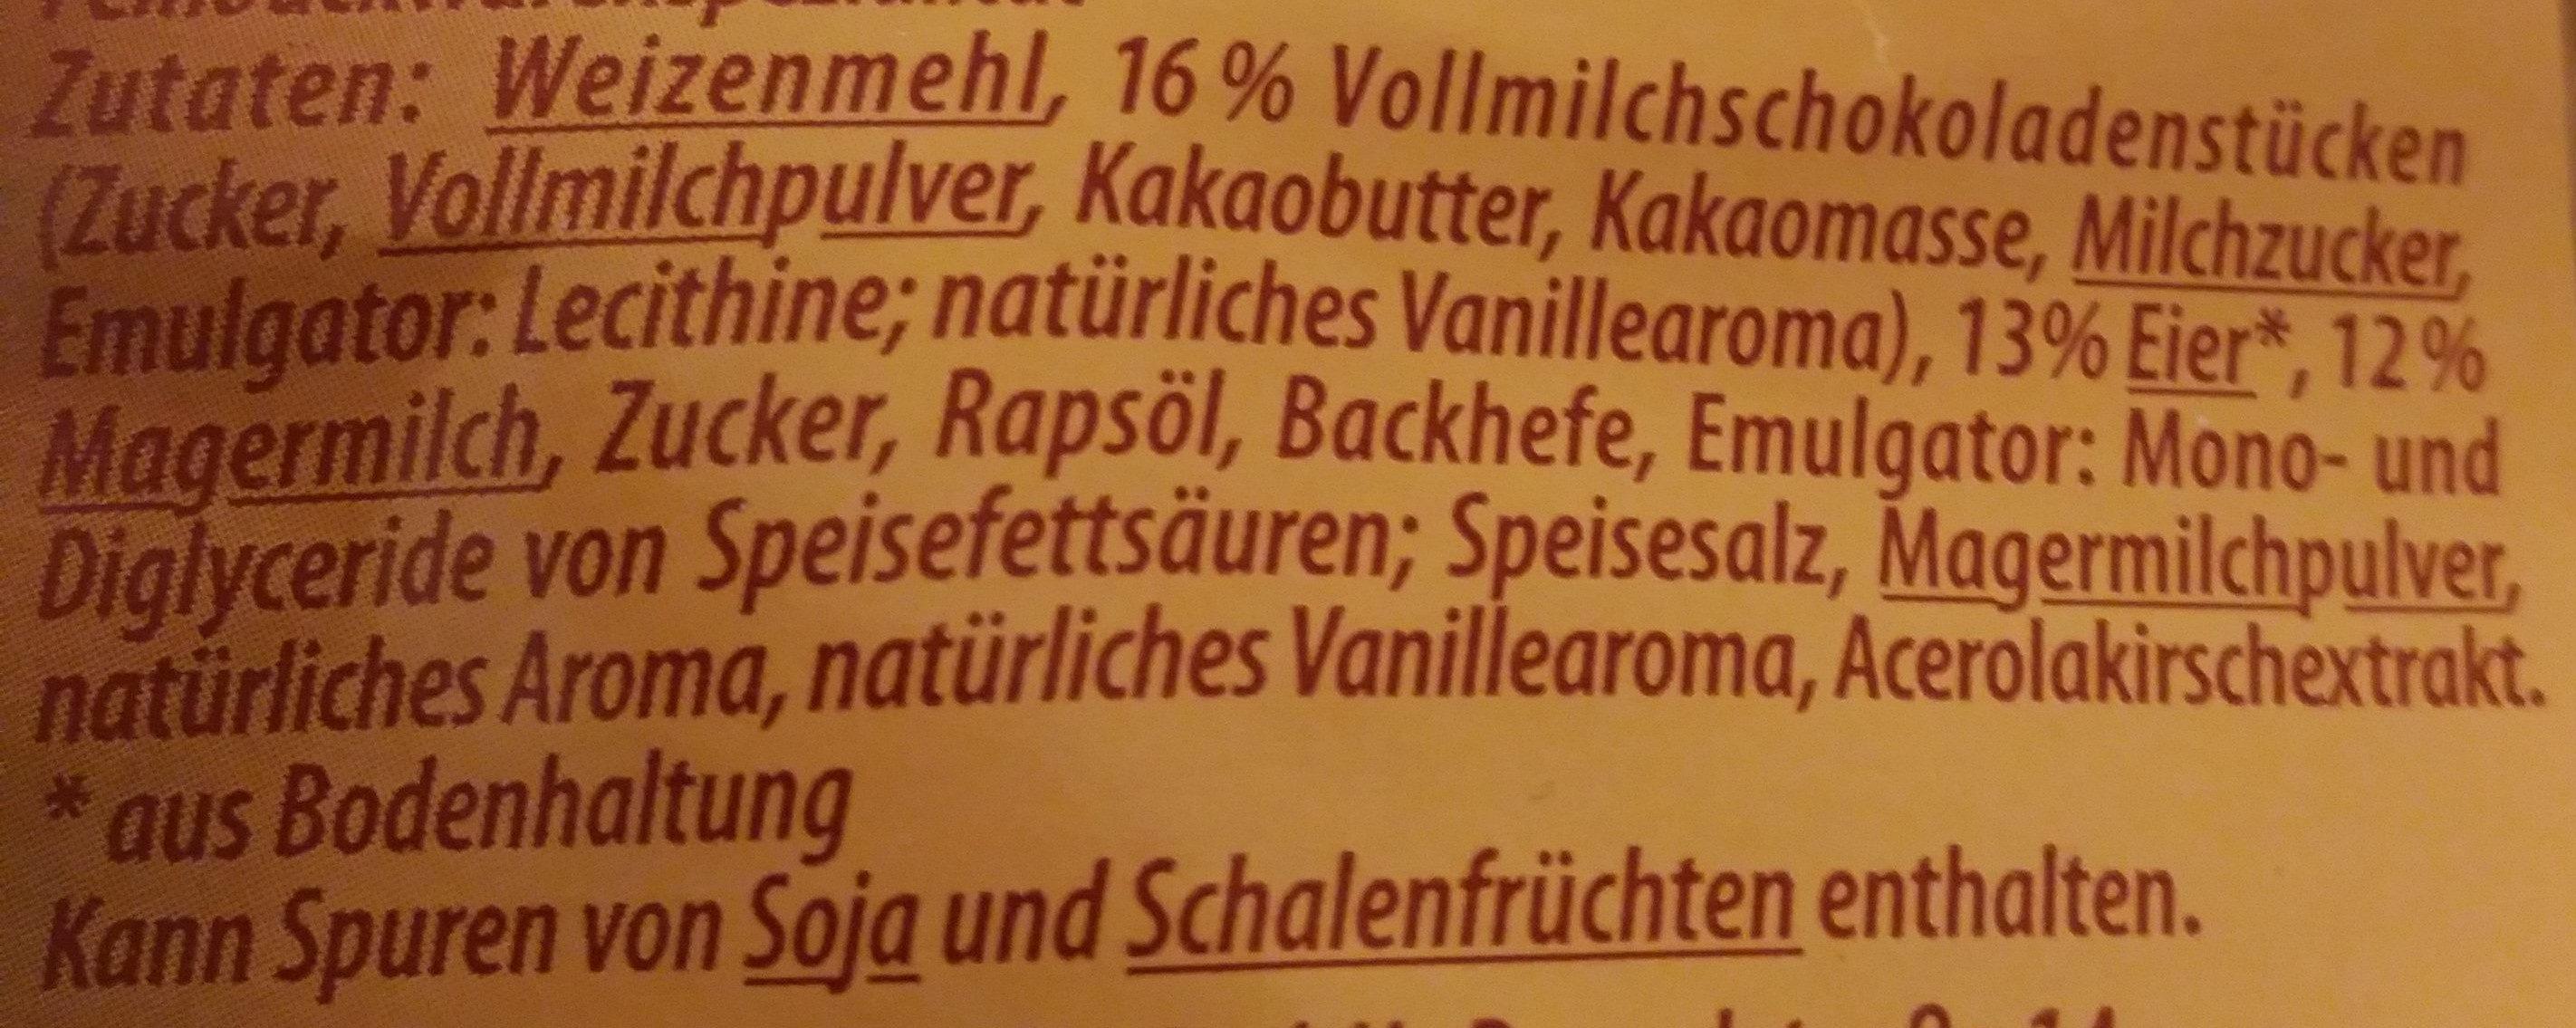 10 Milchbrötchen, aus entrahmter Milch, mit Schokoladenstücken - Ingrediënten - de